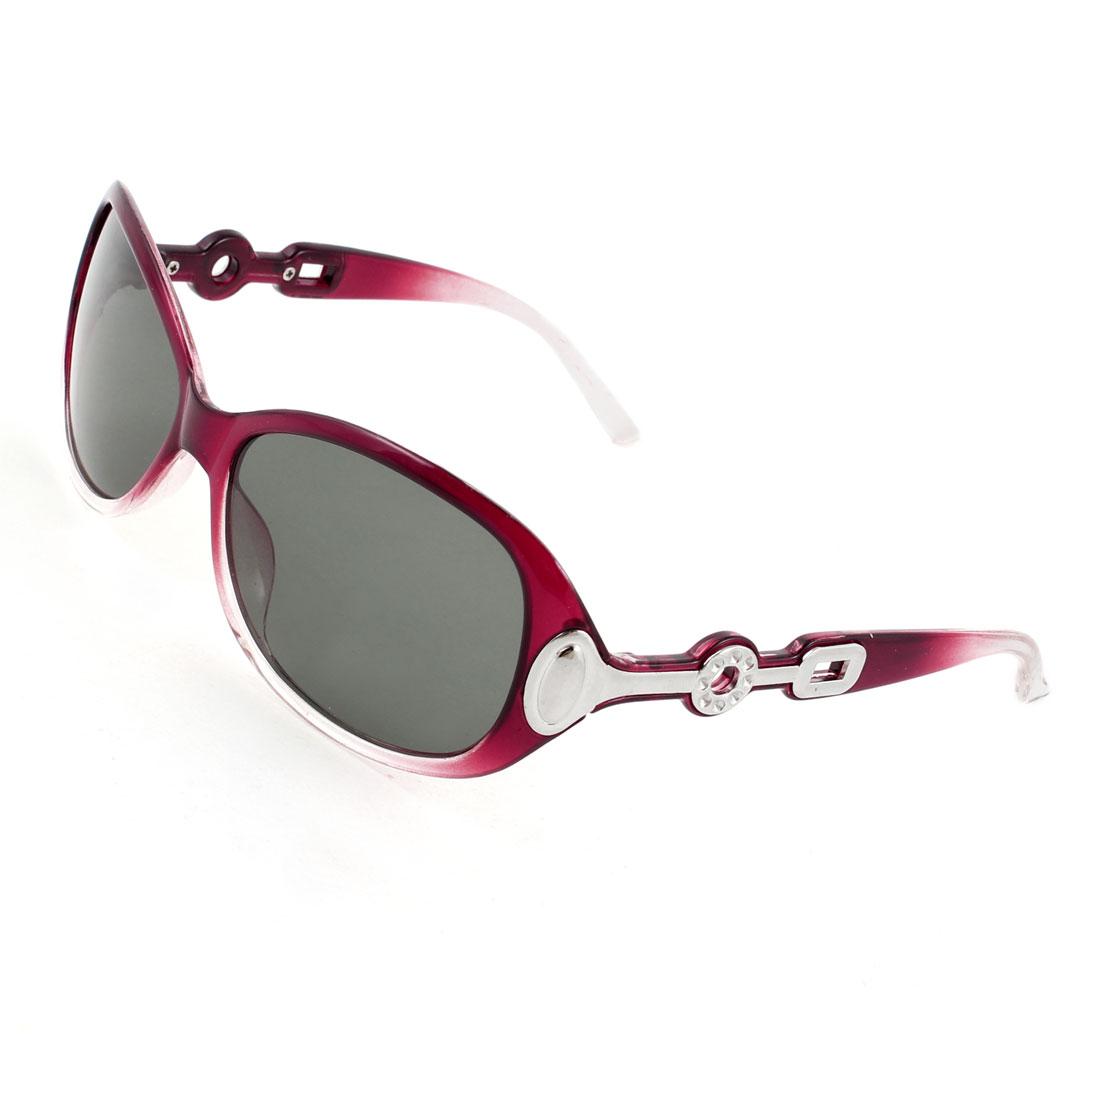 Burgundy Clear Full Rim Green Lens Driving Sports Polarized Sunglasses for Women